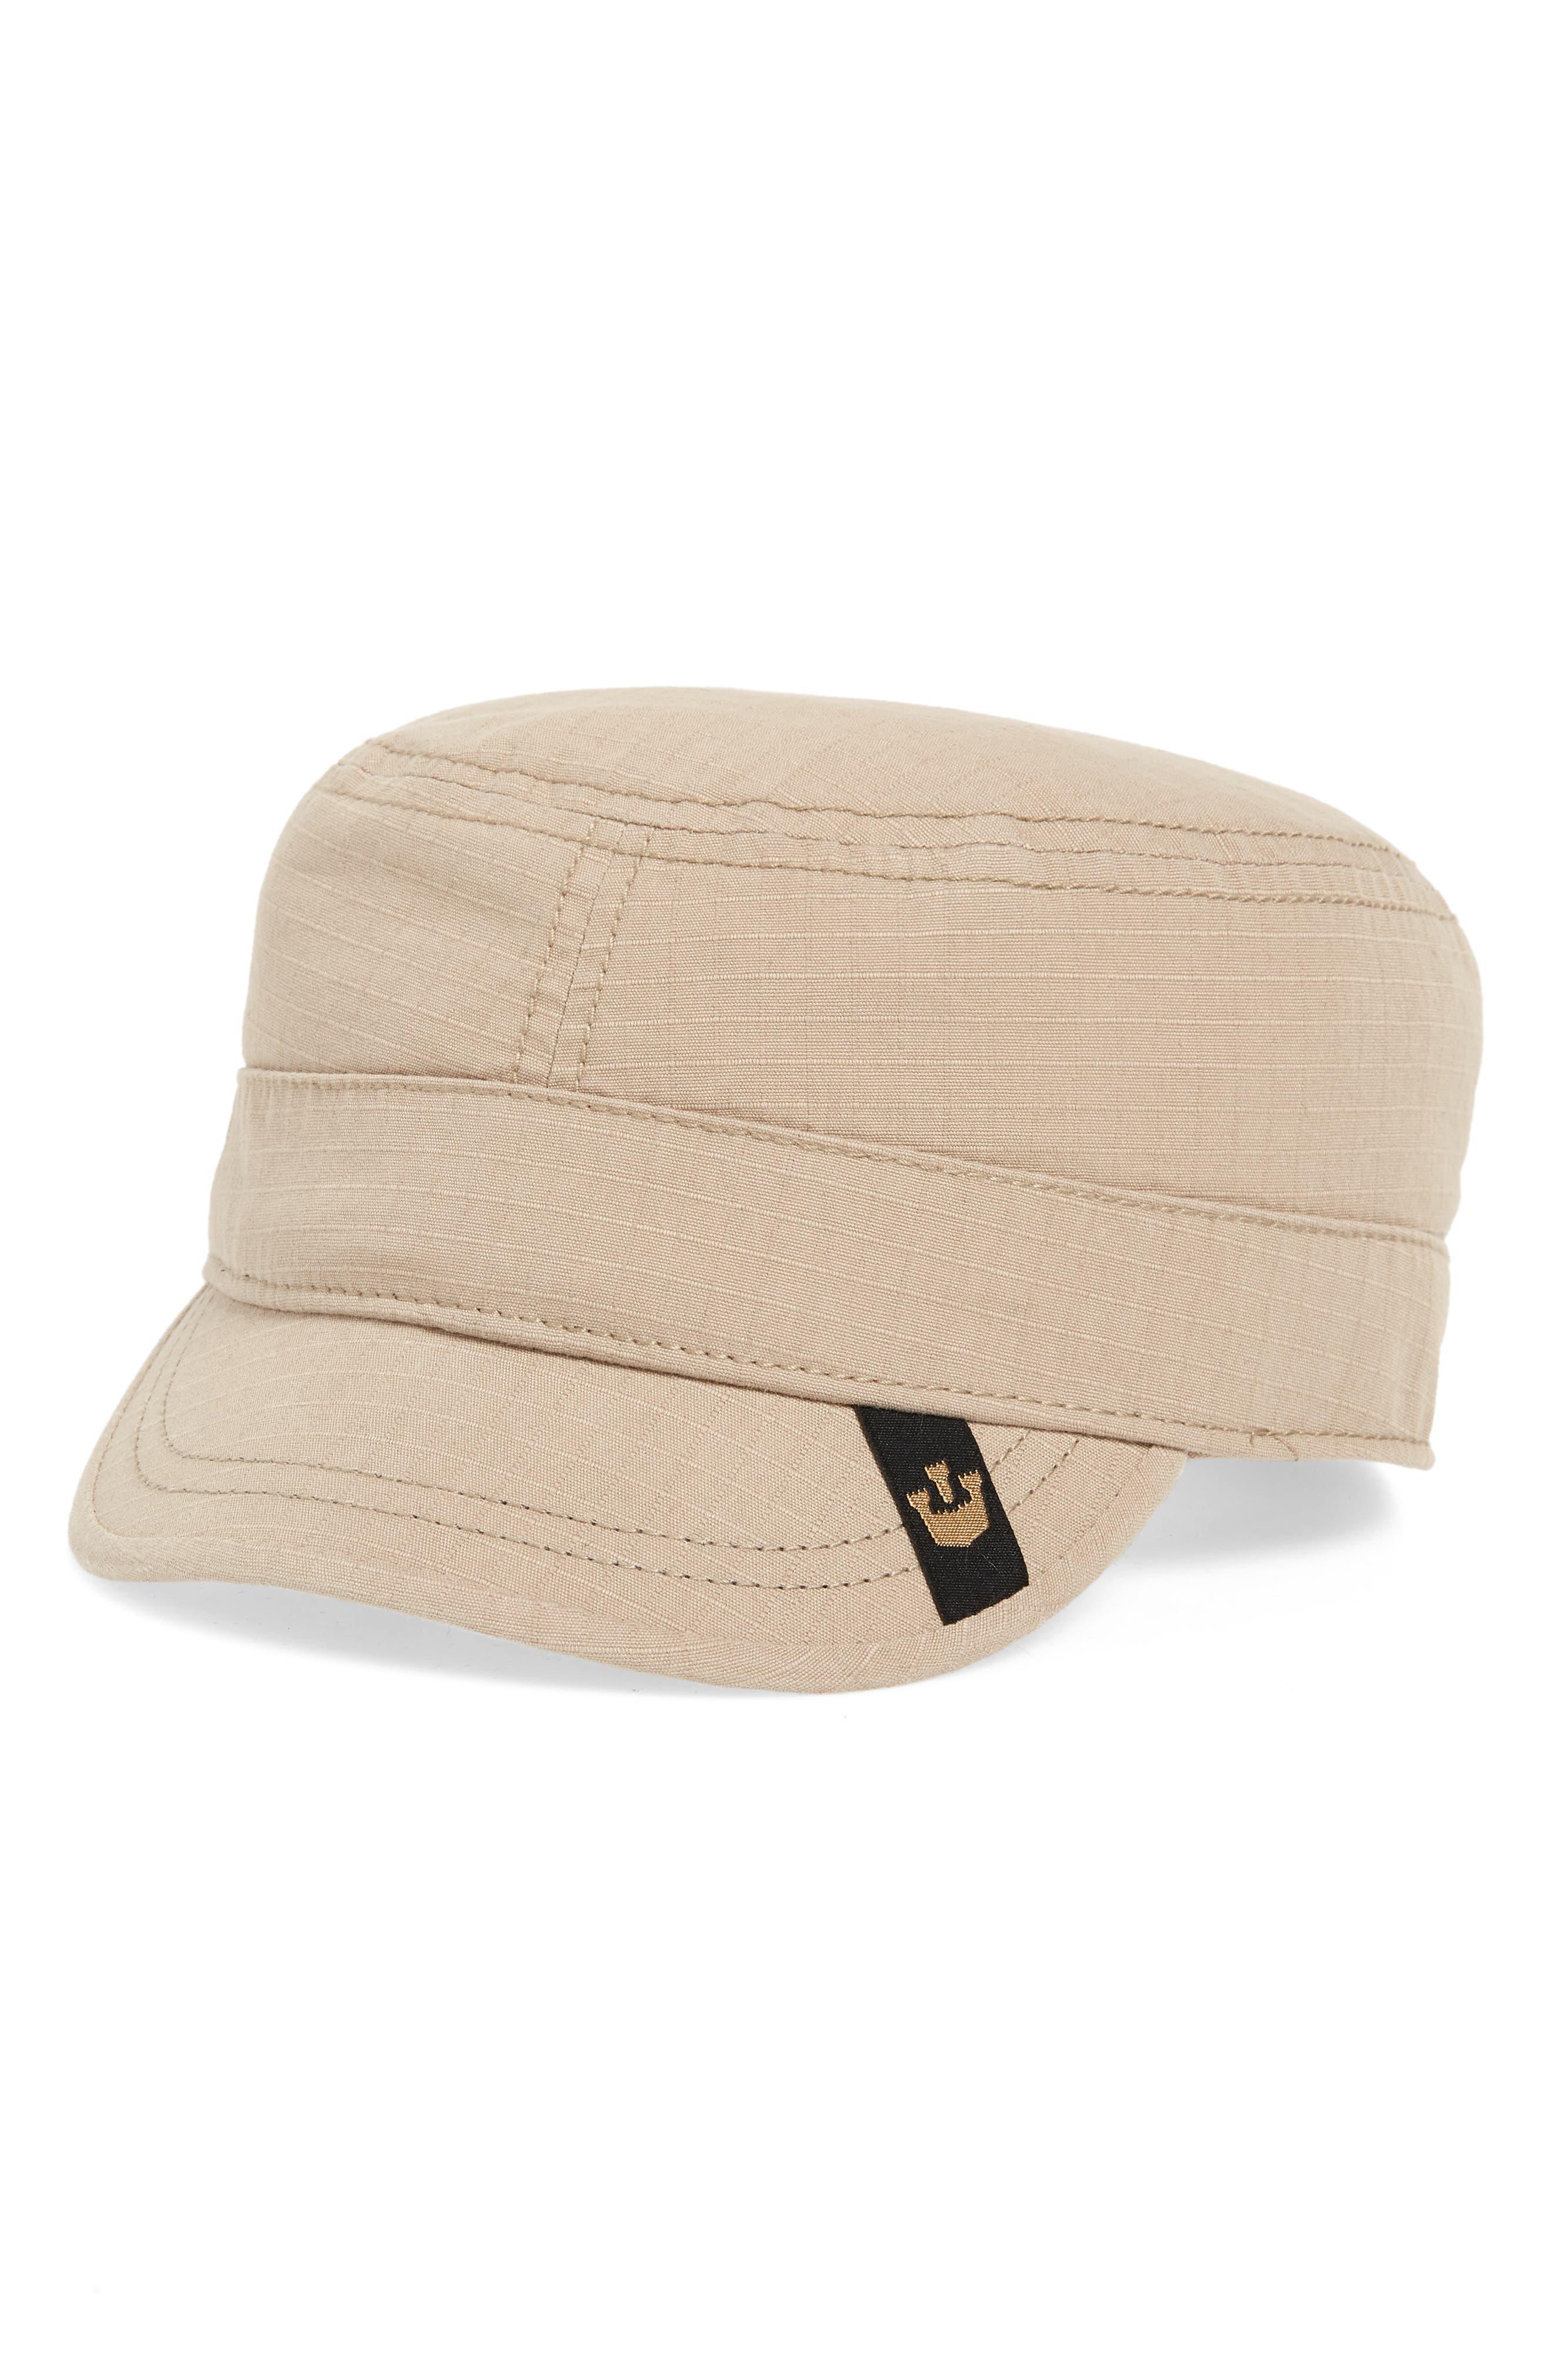 037a568a738 Goorin Brothers Hats   Caps